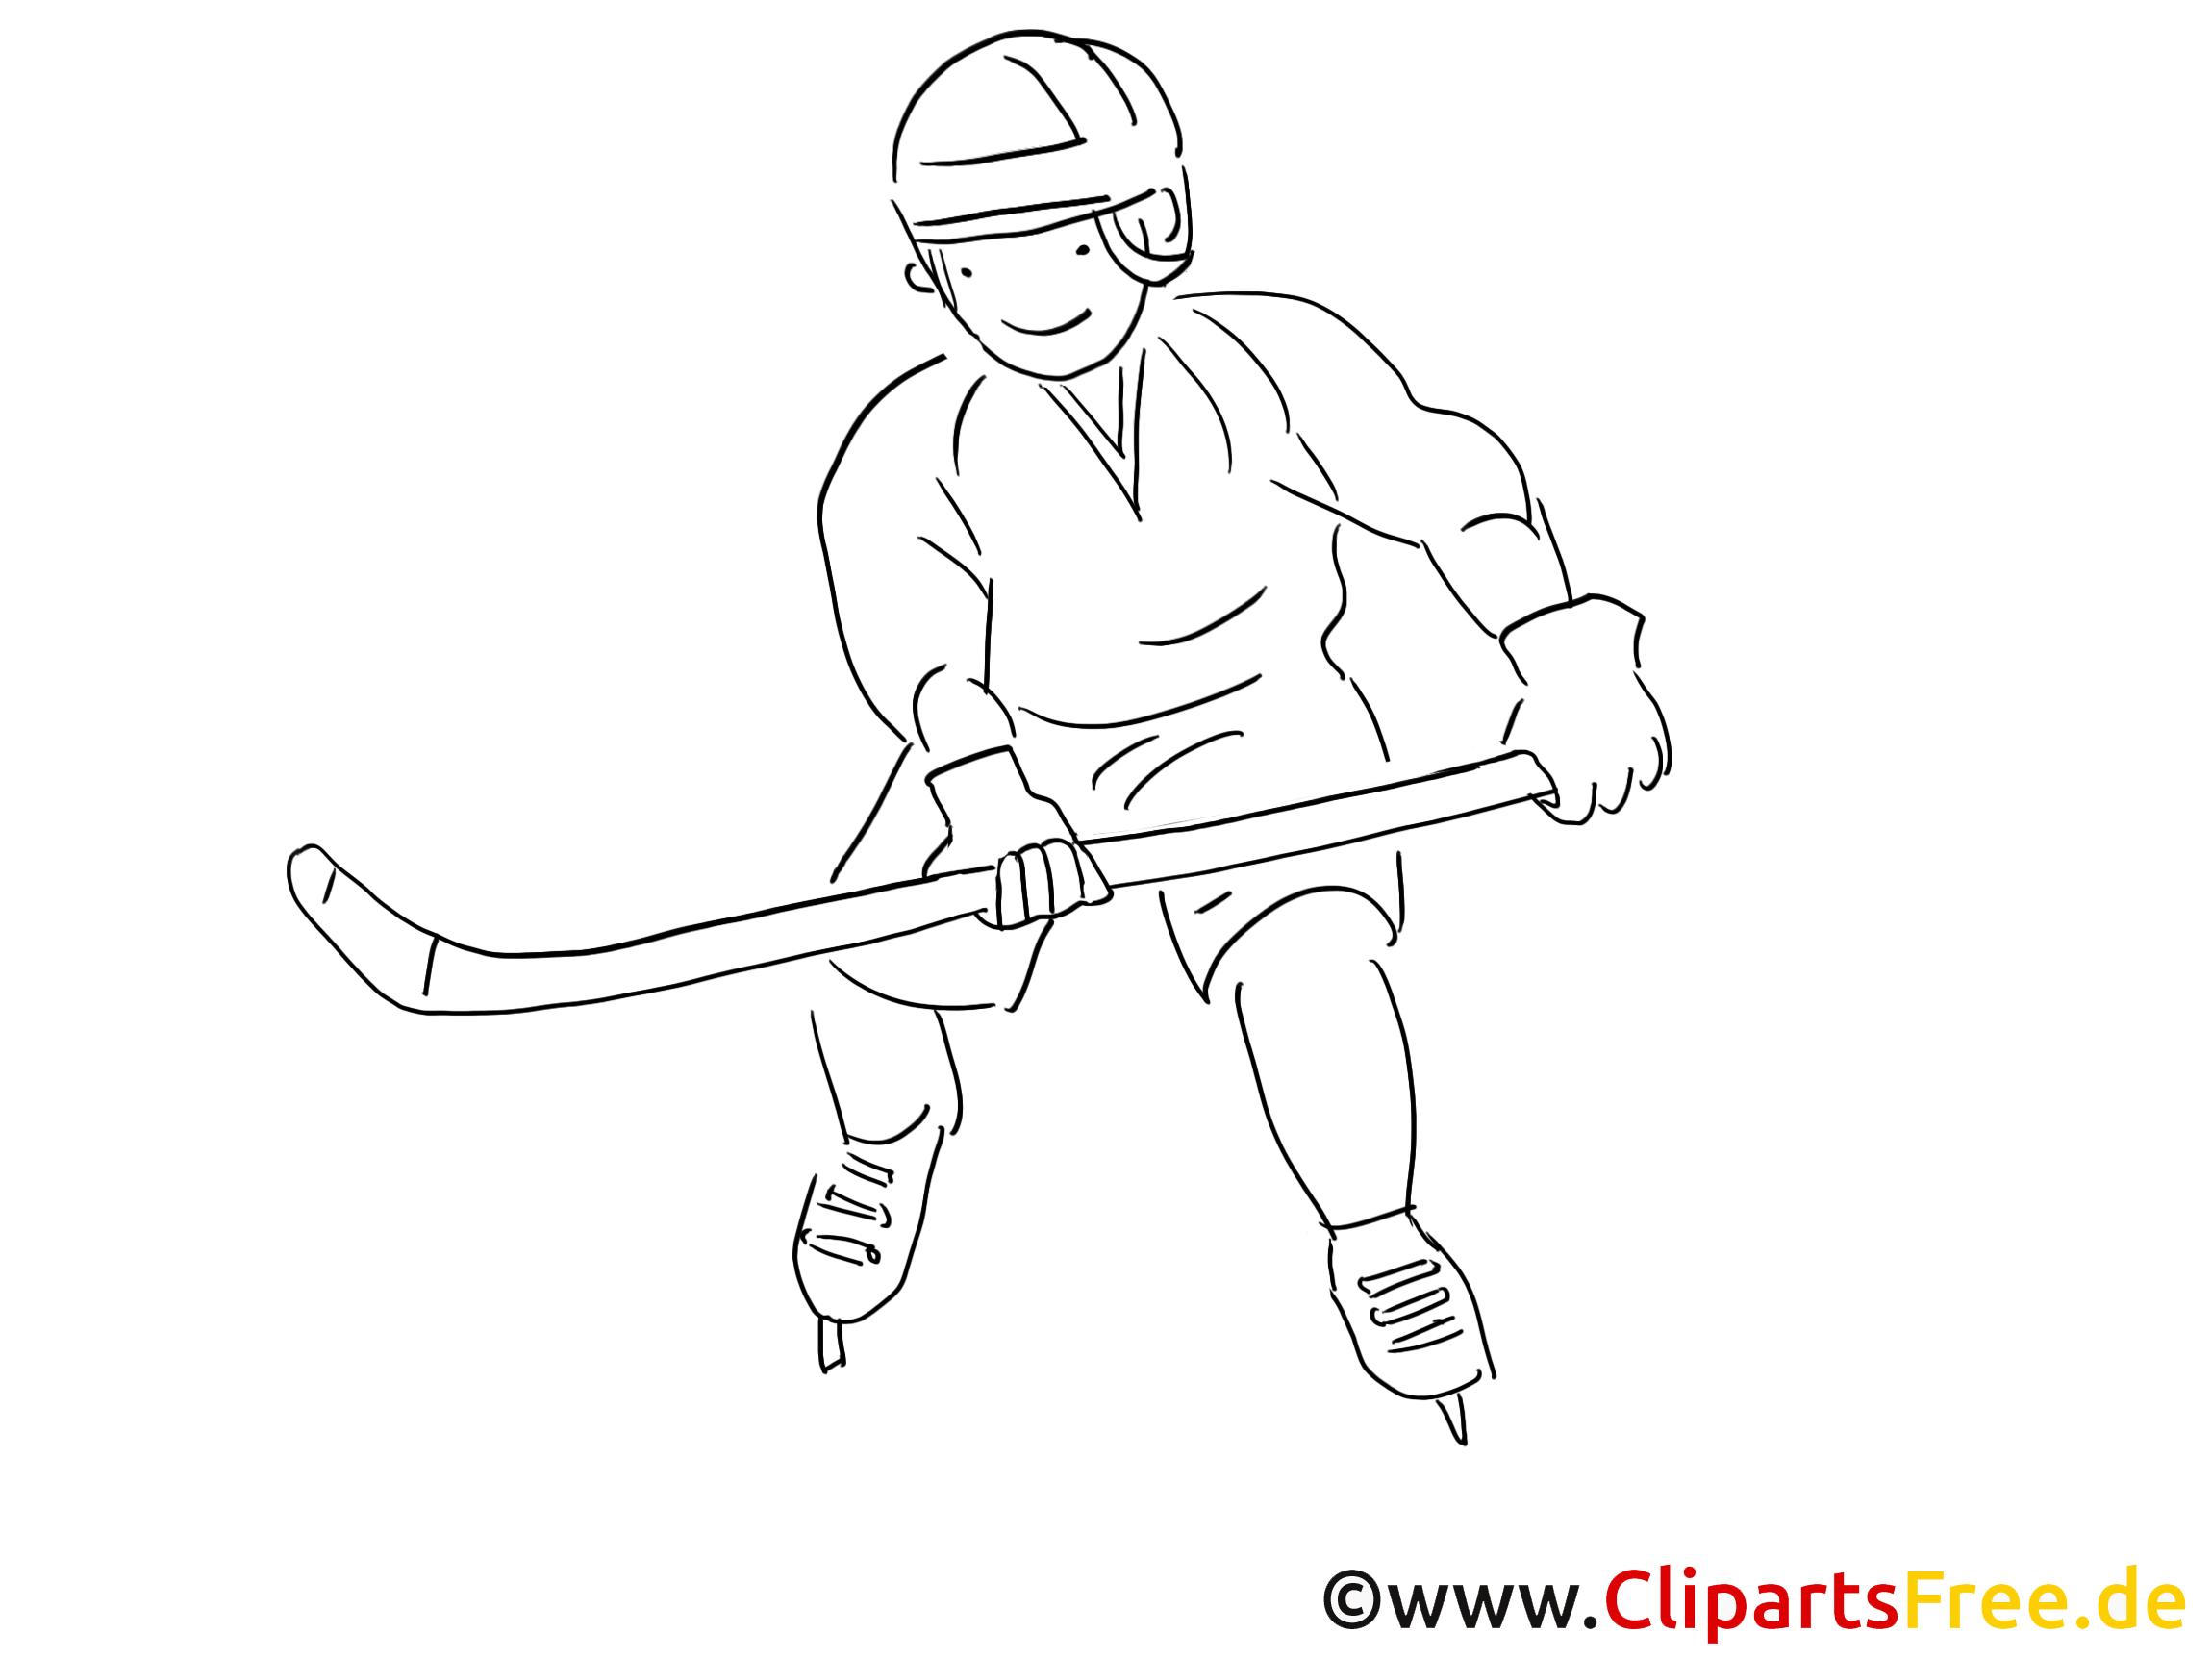 Élégant Image De Hockey Sur Glace A Colorier